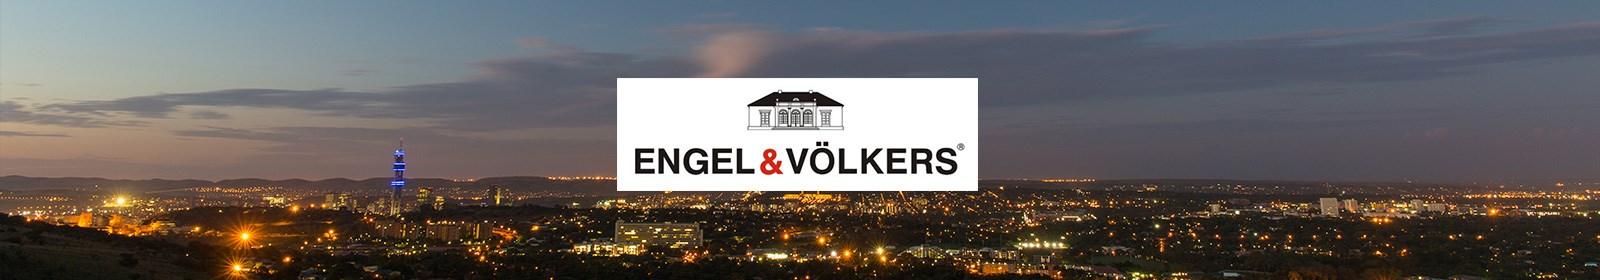 Engel & Völkers extends their reach in the Winelands